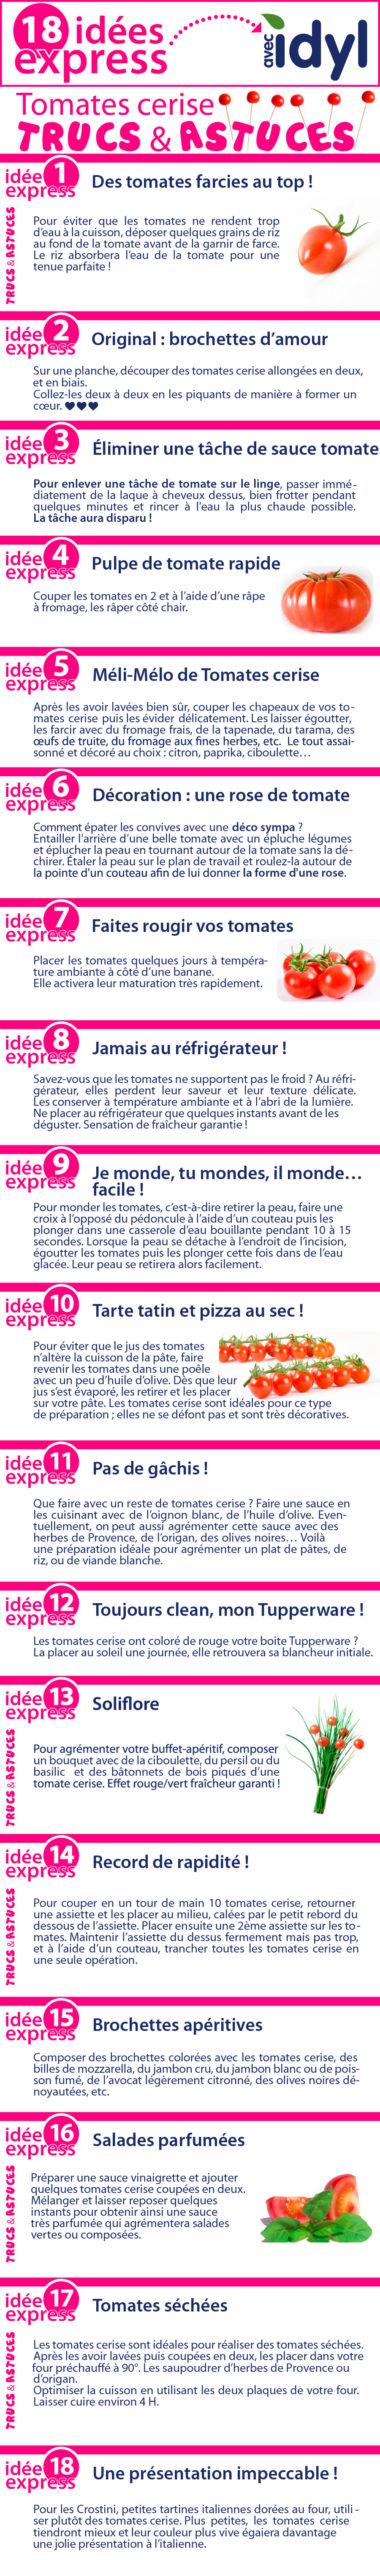 12 idées express pour cuisiner les tomates cerise - trucs et astuces - Idyl